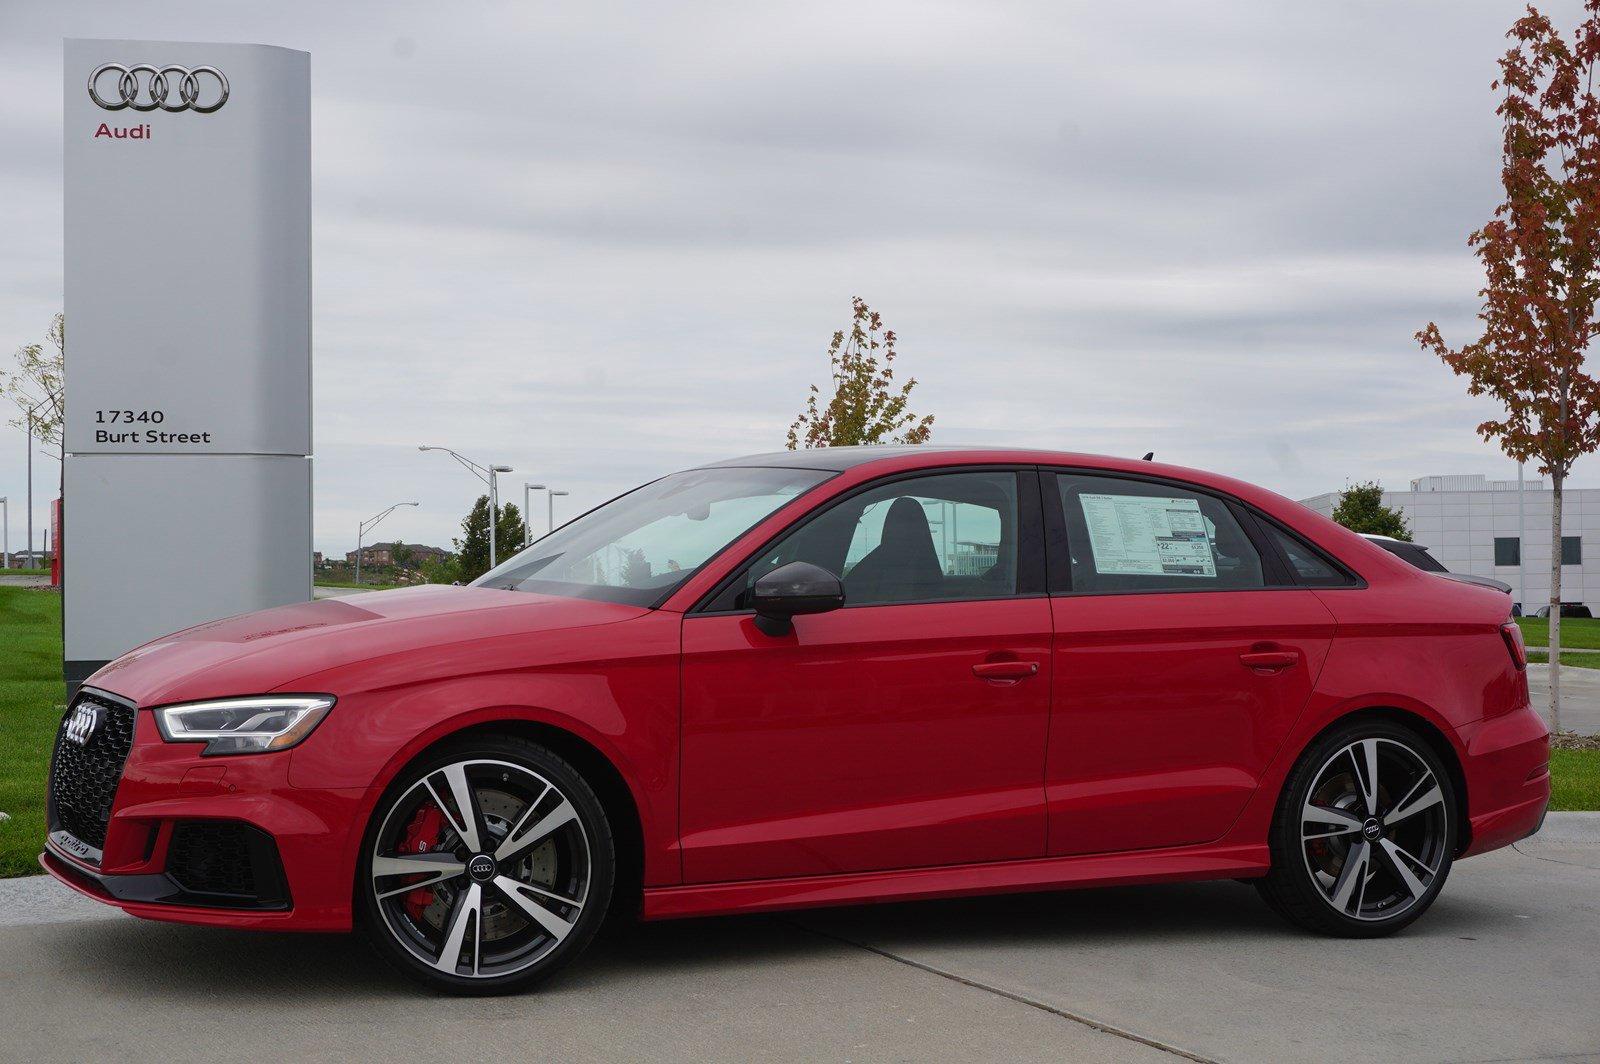 New 2019 Audi RS 3 2.5 TFSI